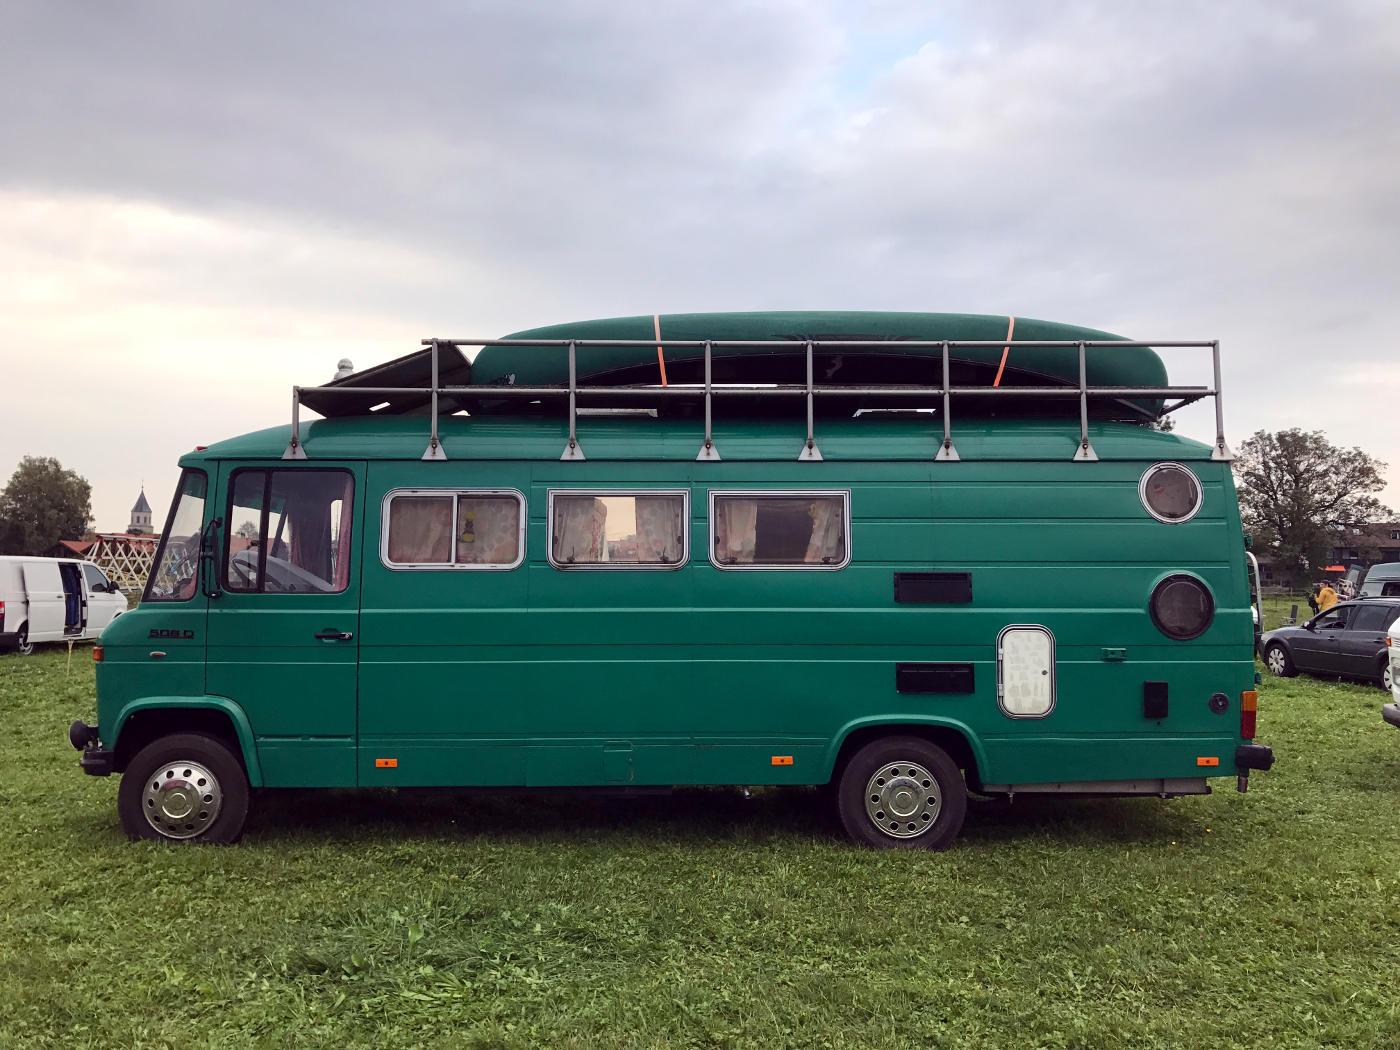 Freiheitsmobil / MMCV / Camper Van - Selbstausbauten auf einer Pferdekoppel mitten in Bayern